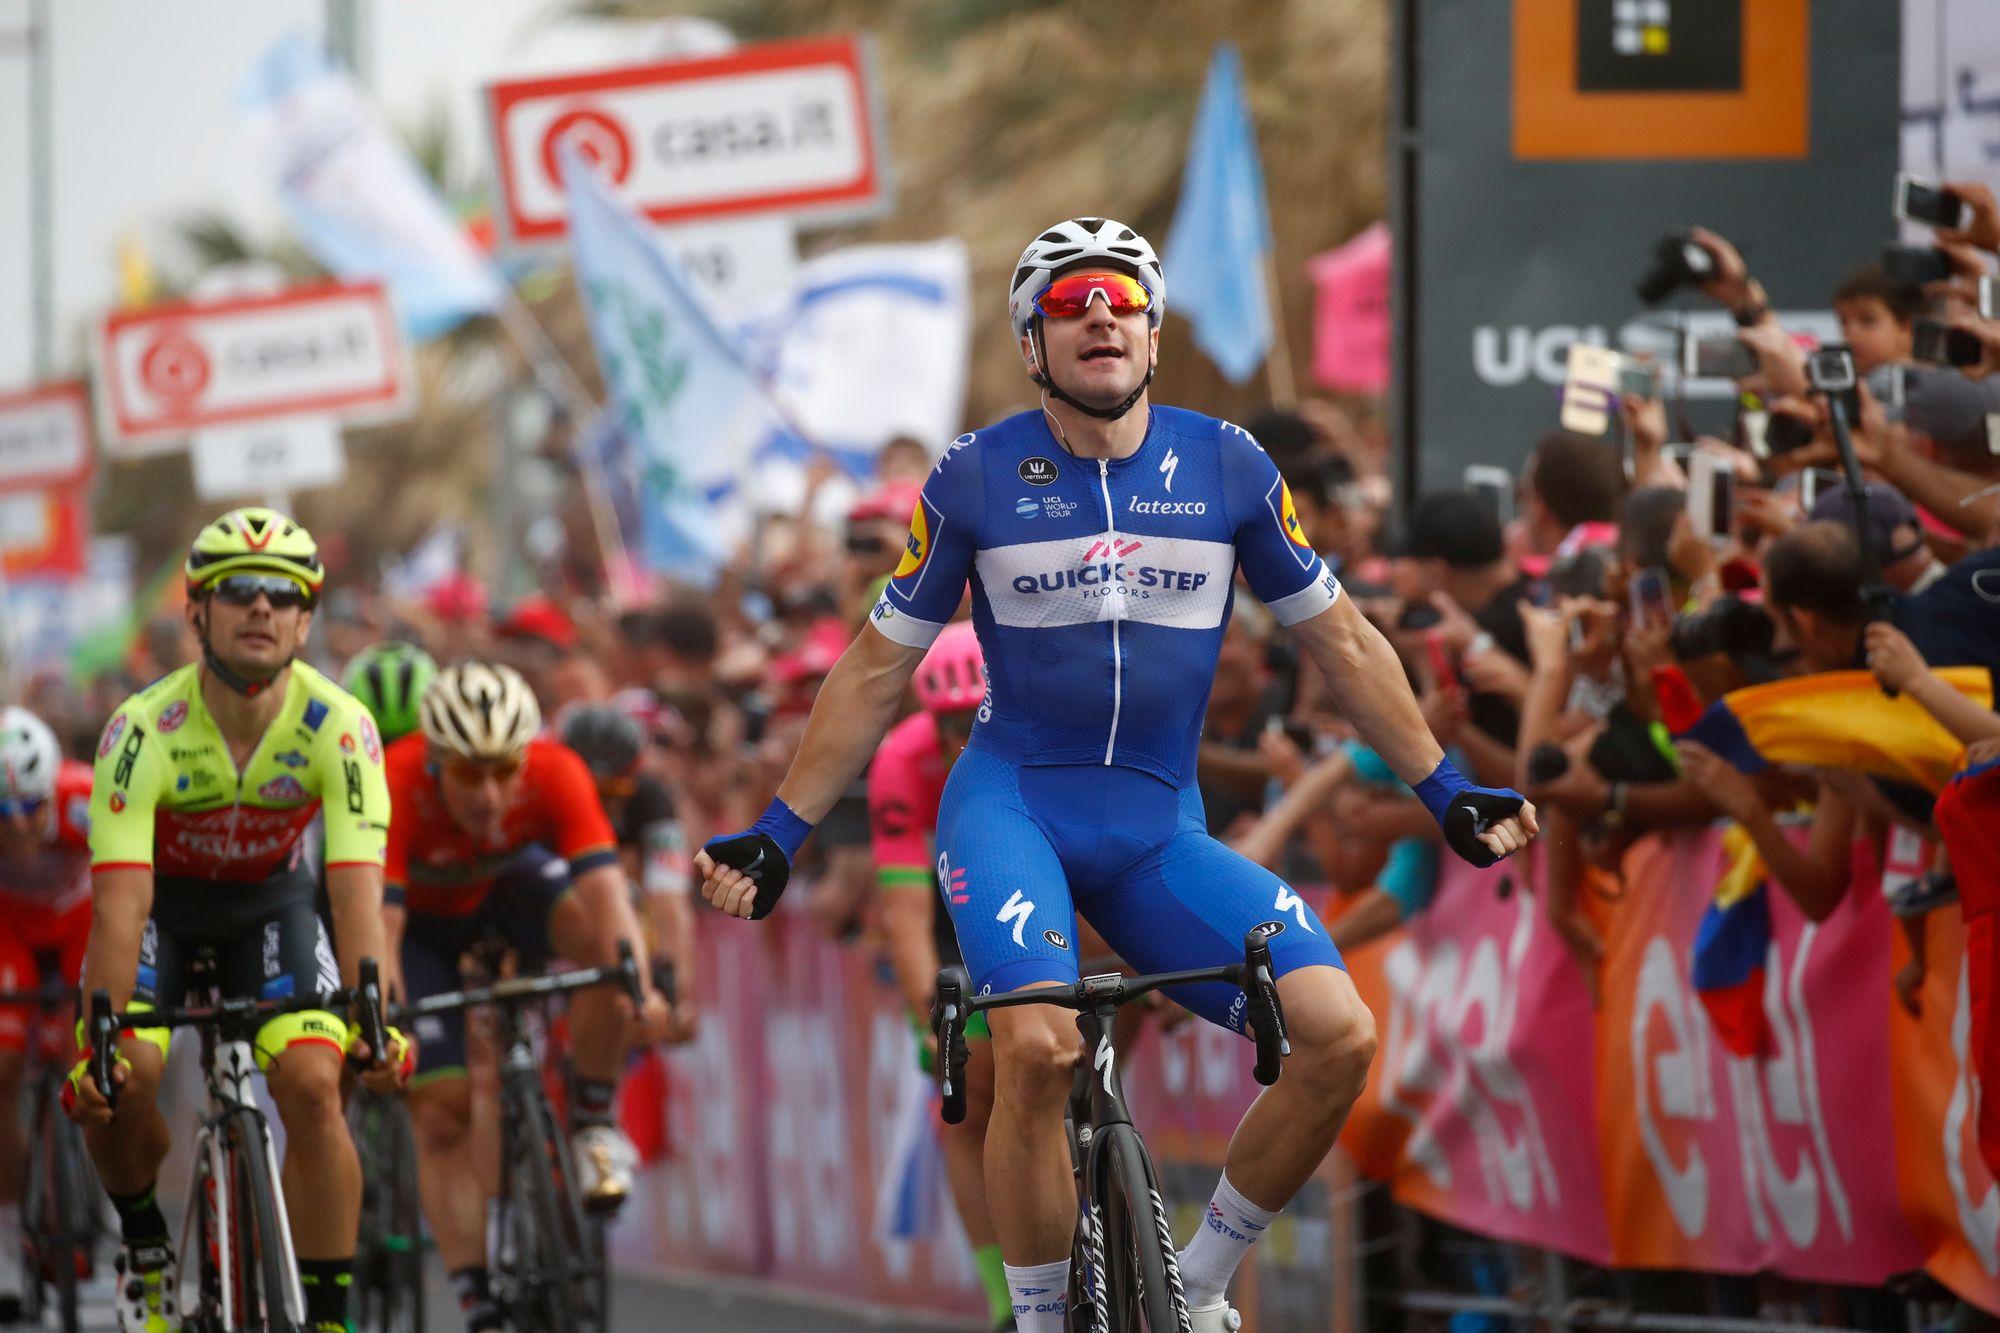 L'Italien Elia Viviani s'impose dans la 2e étape — Giro